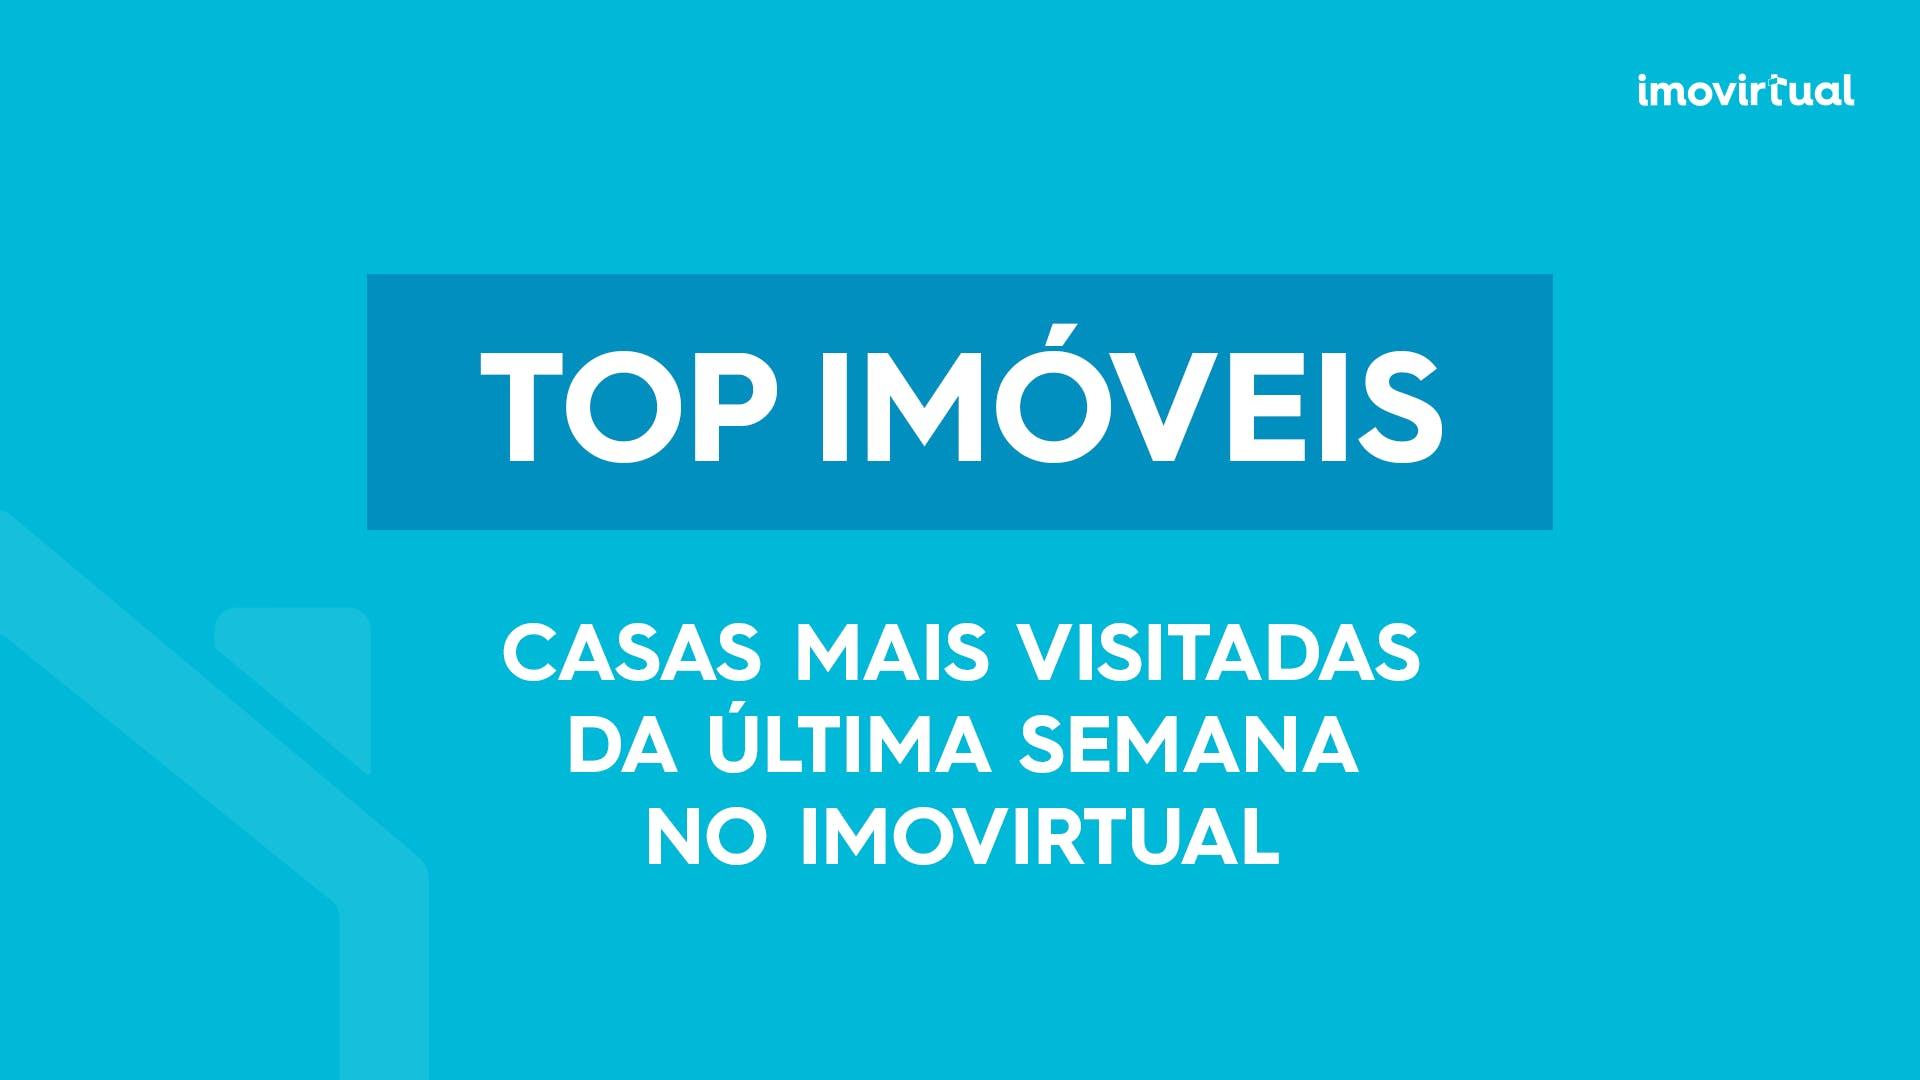 Saiba quais as casas mais visitadas na última semana no Imovirtual